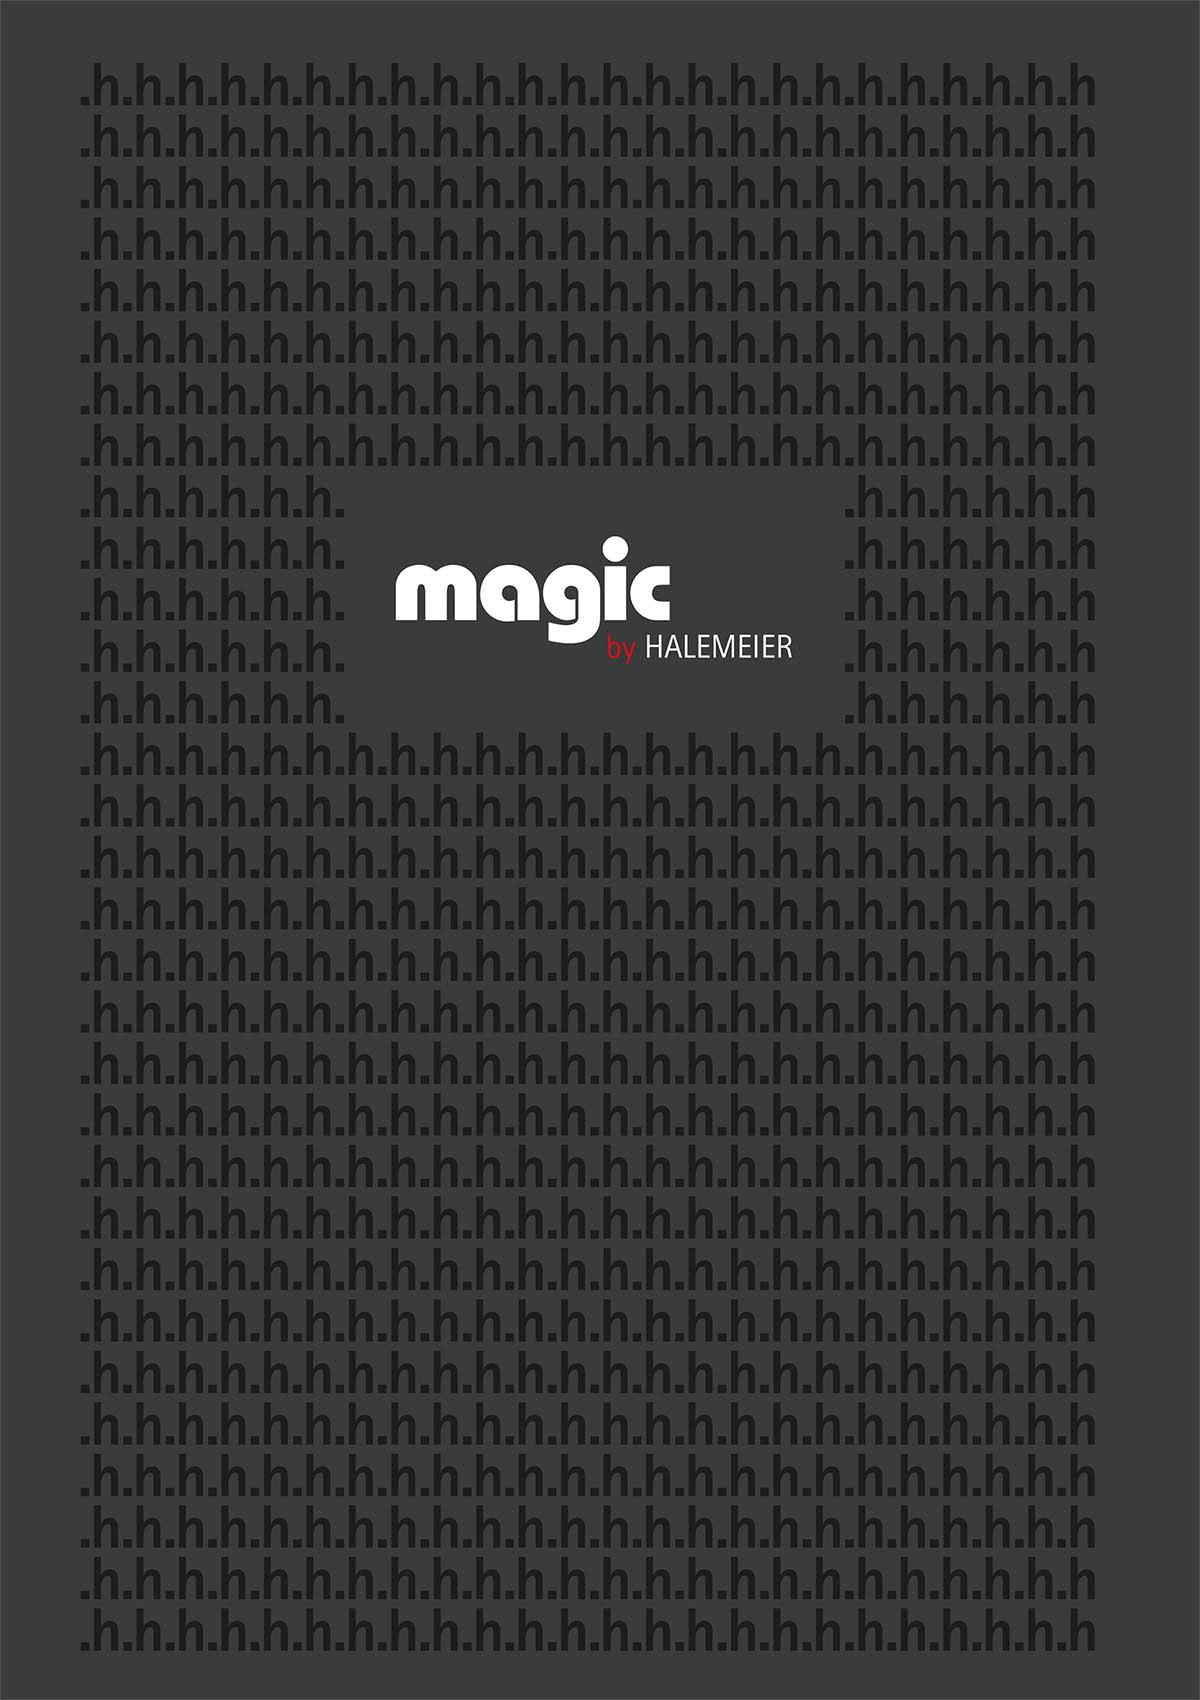 Magic 2021